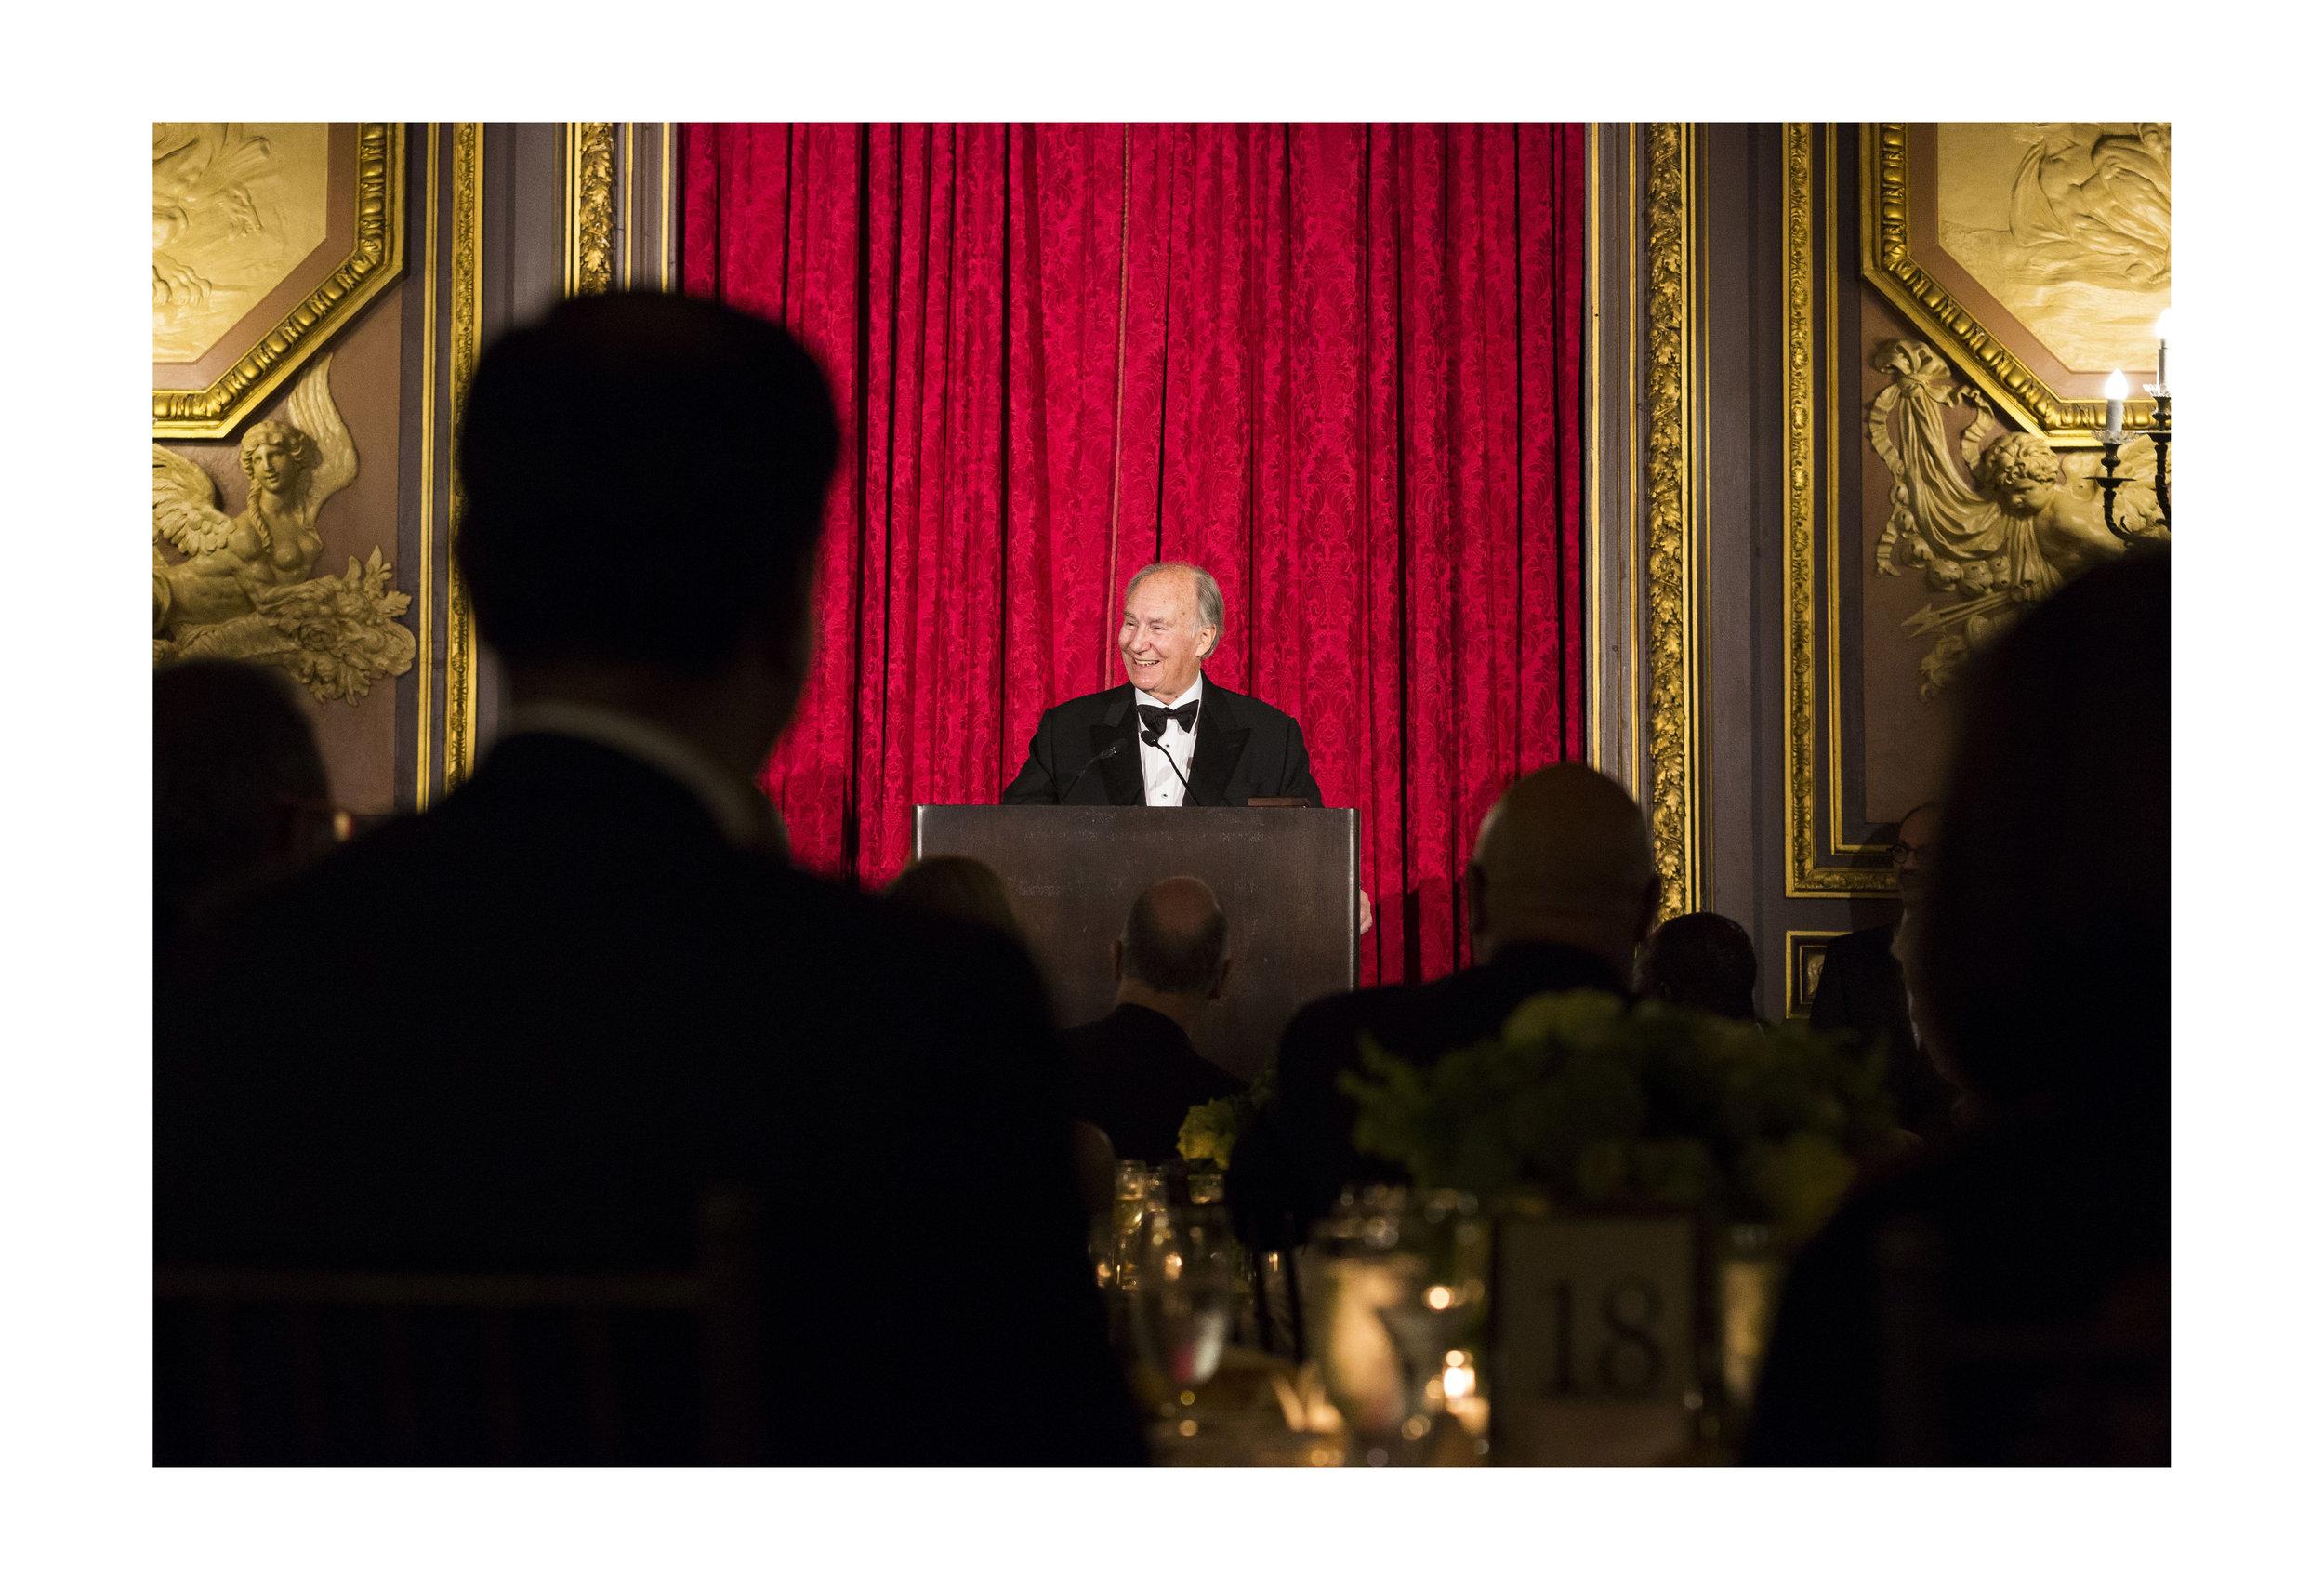 1705 EUA NY Archleague NY President's Medal Dinner 1342.jpg